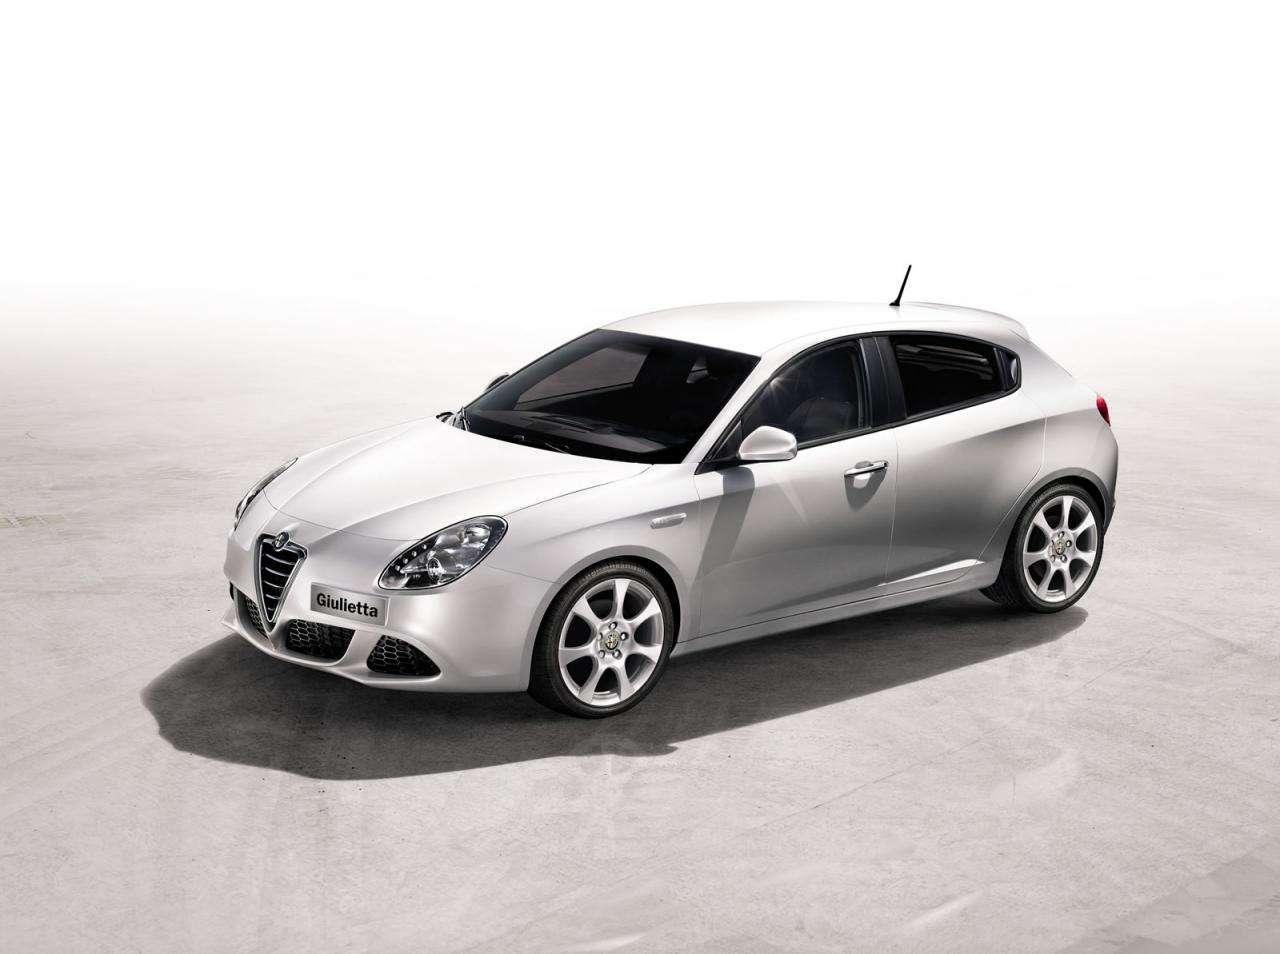 Alfa Romeo Giulietta facelift 2014